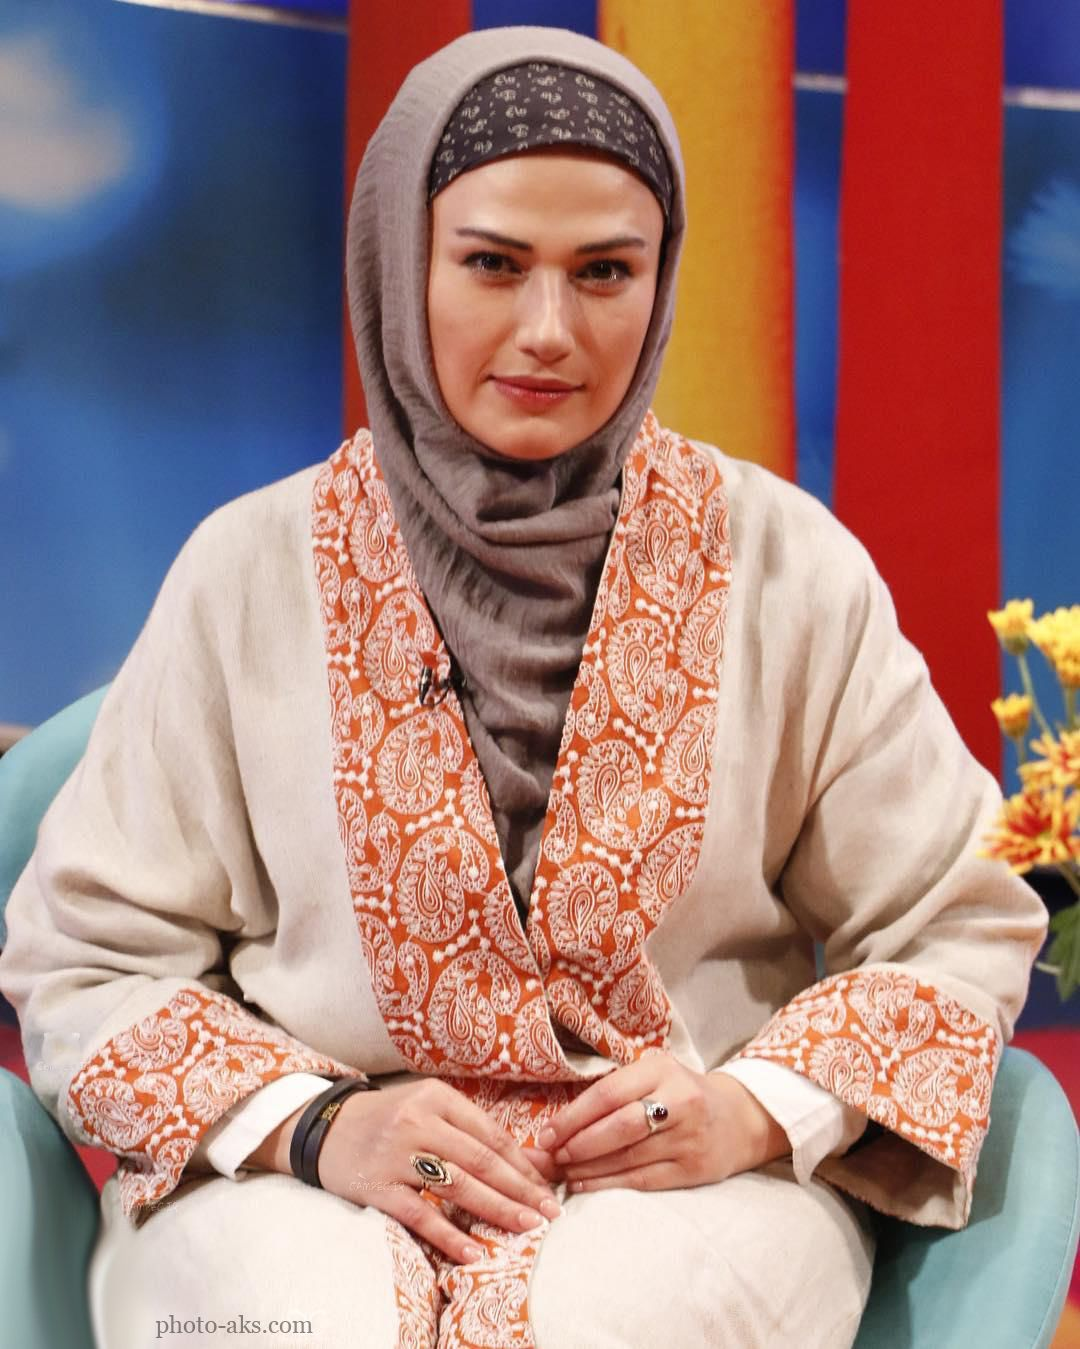 Ladan Mostofi